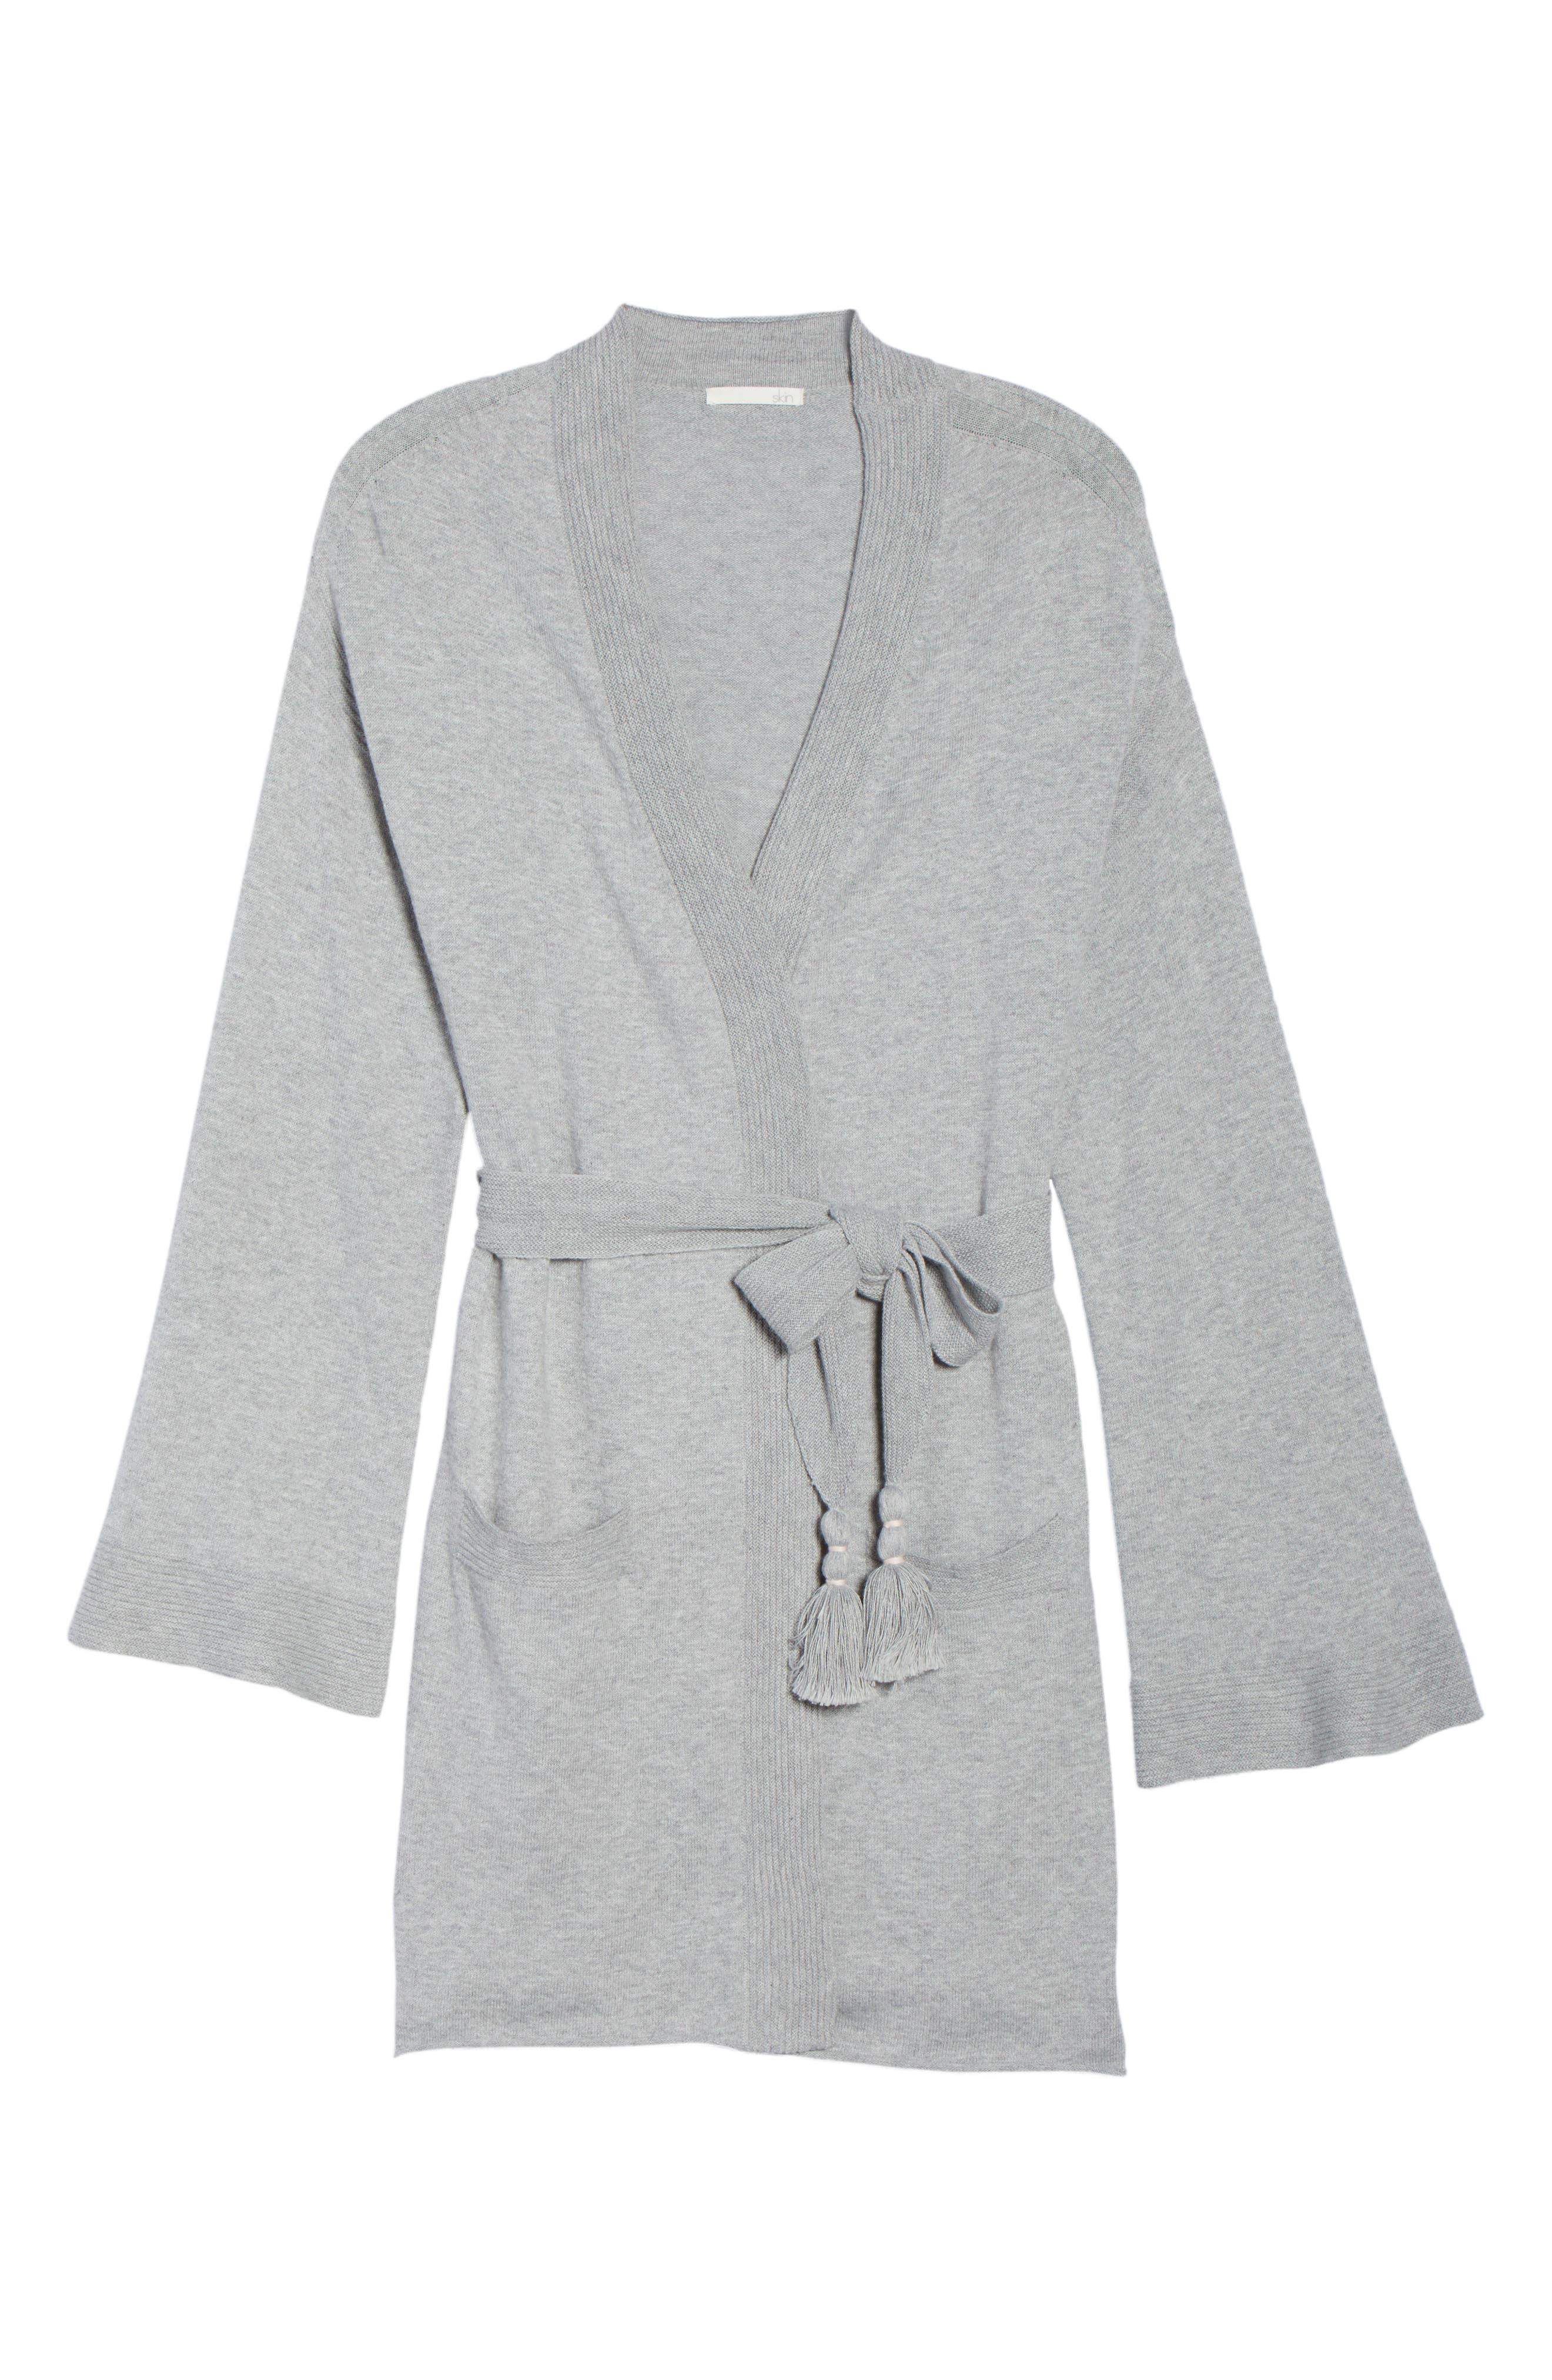 Valoria Short Robe,                             Alternate thumbnail 6, color,                             020